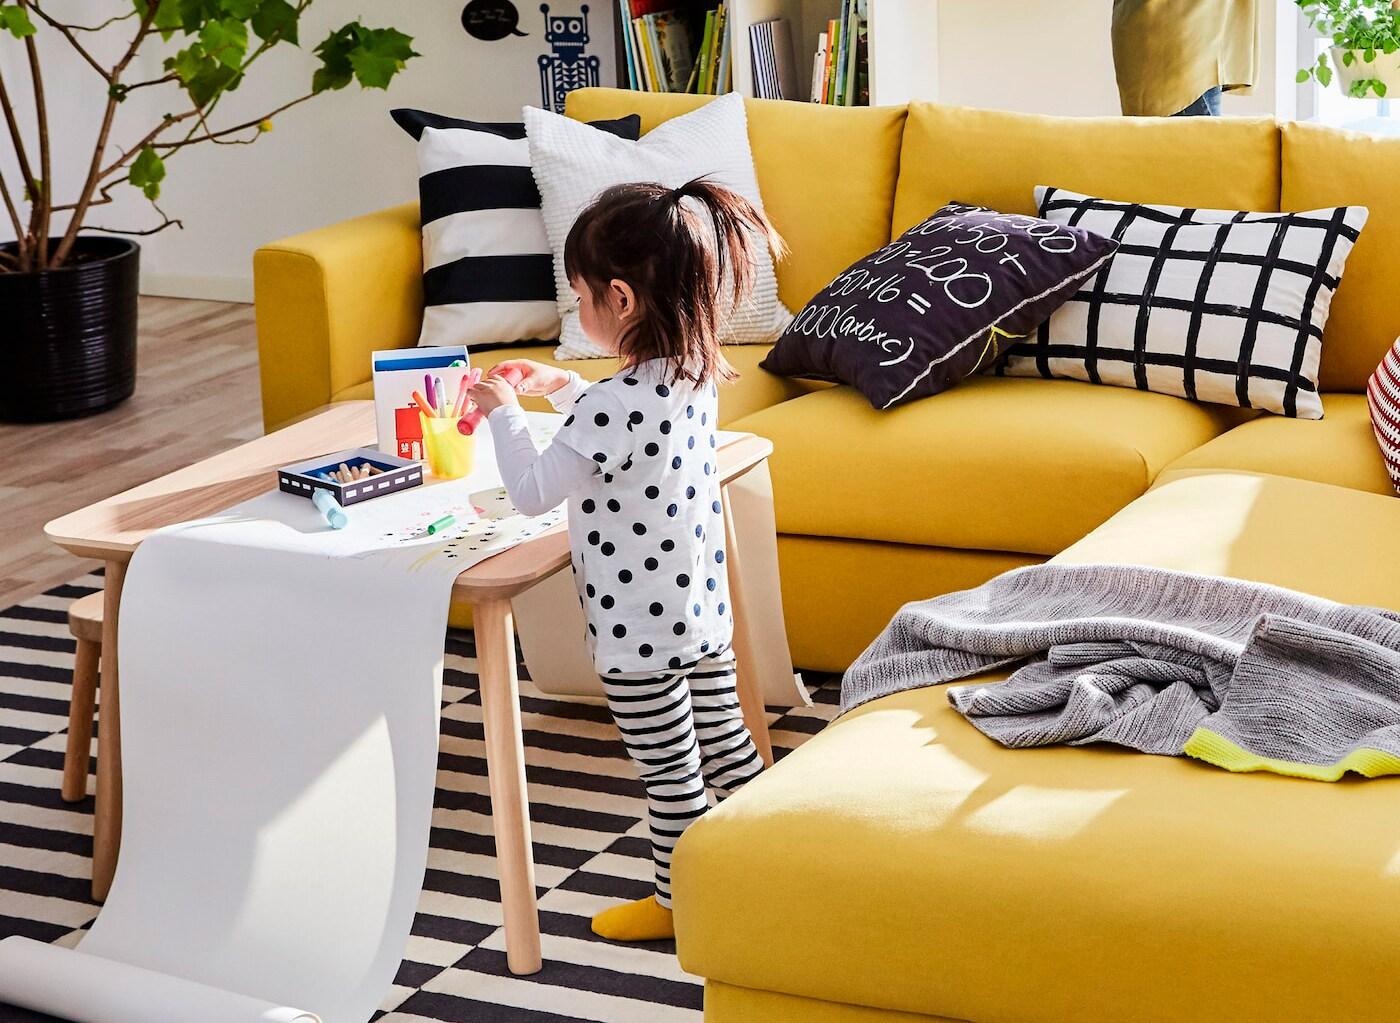 イエローのVIMLE/ヴィムレ 3人掛けソファの横にあるコーヒーテーブルの上に広げた長いロール紙いっぱいに絵を描いている女の子。